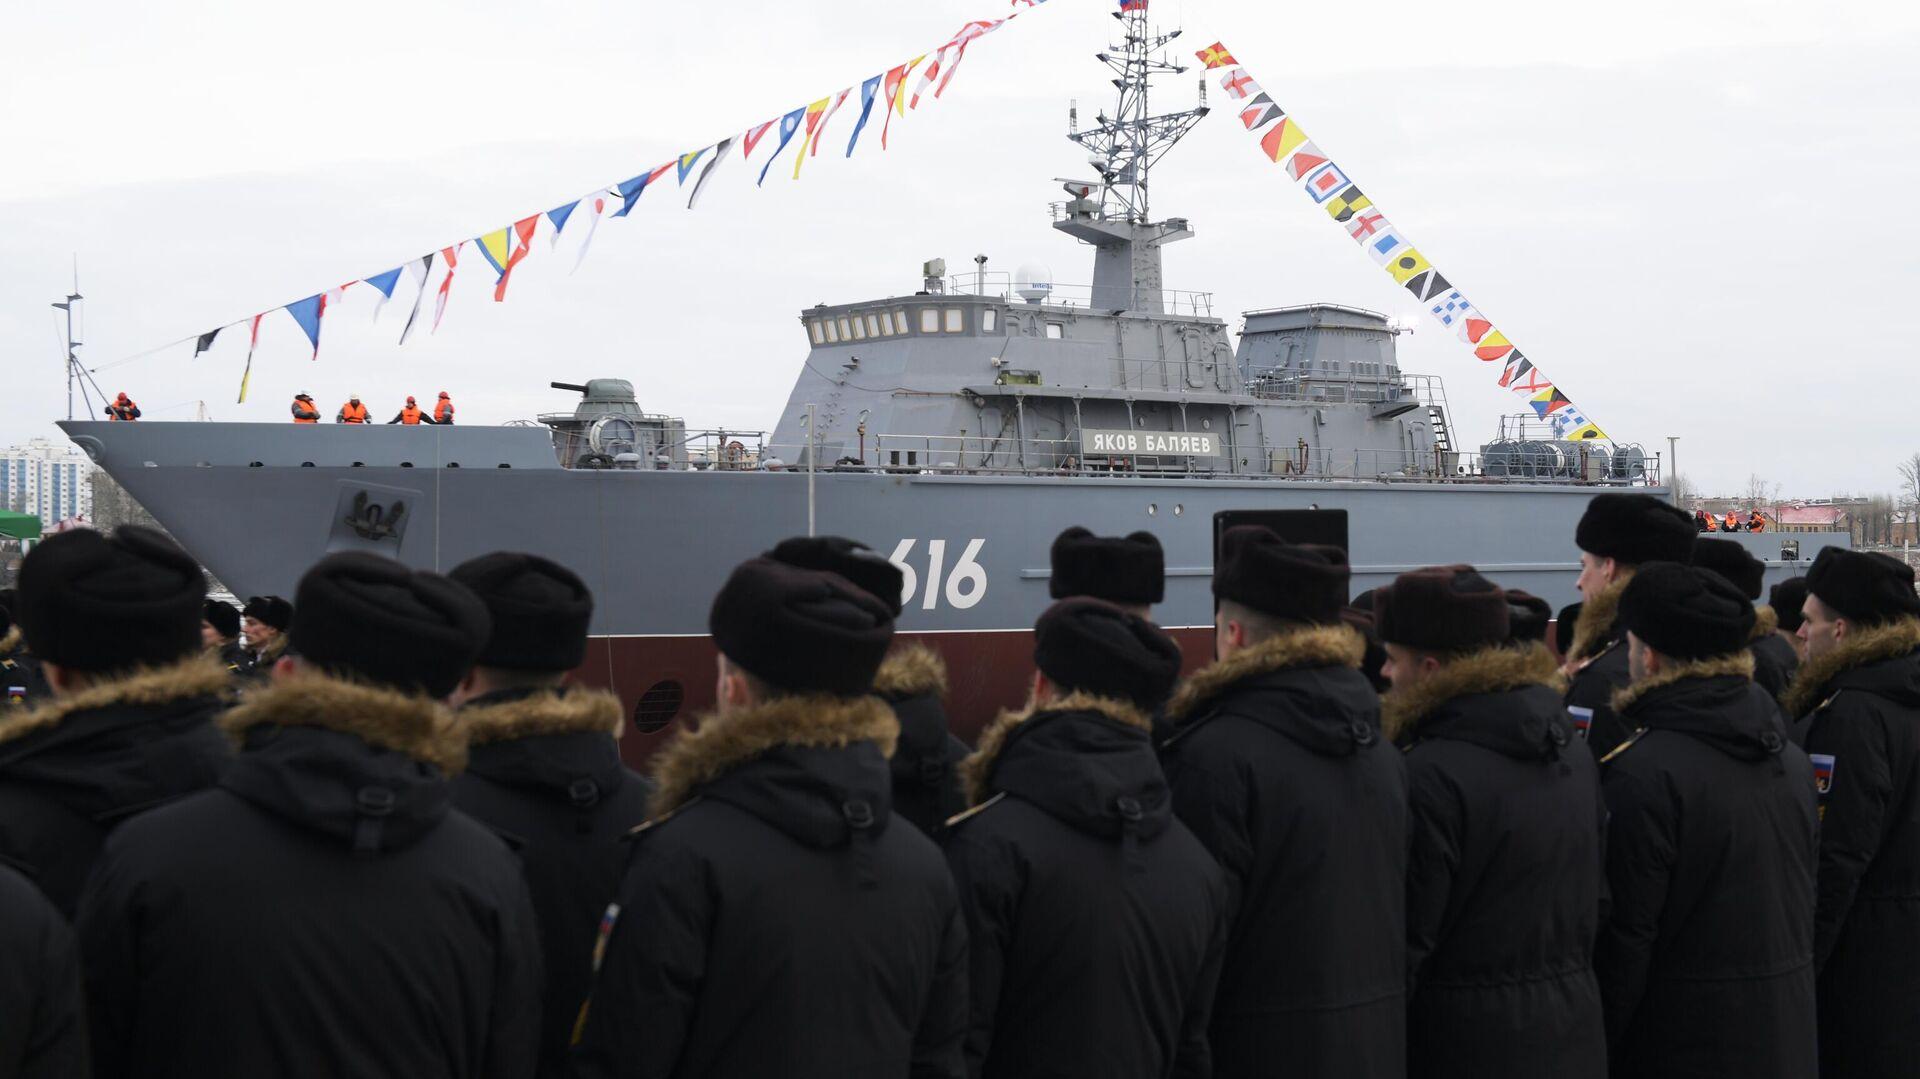 Церемония спуска на воду новейшего корабля противоминной обороны нового поколения проекта 12700 Яков Баляев - РИА Новости, 1920, 26.12.2020